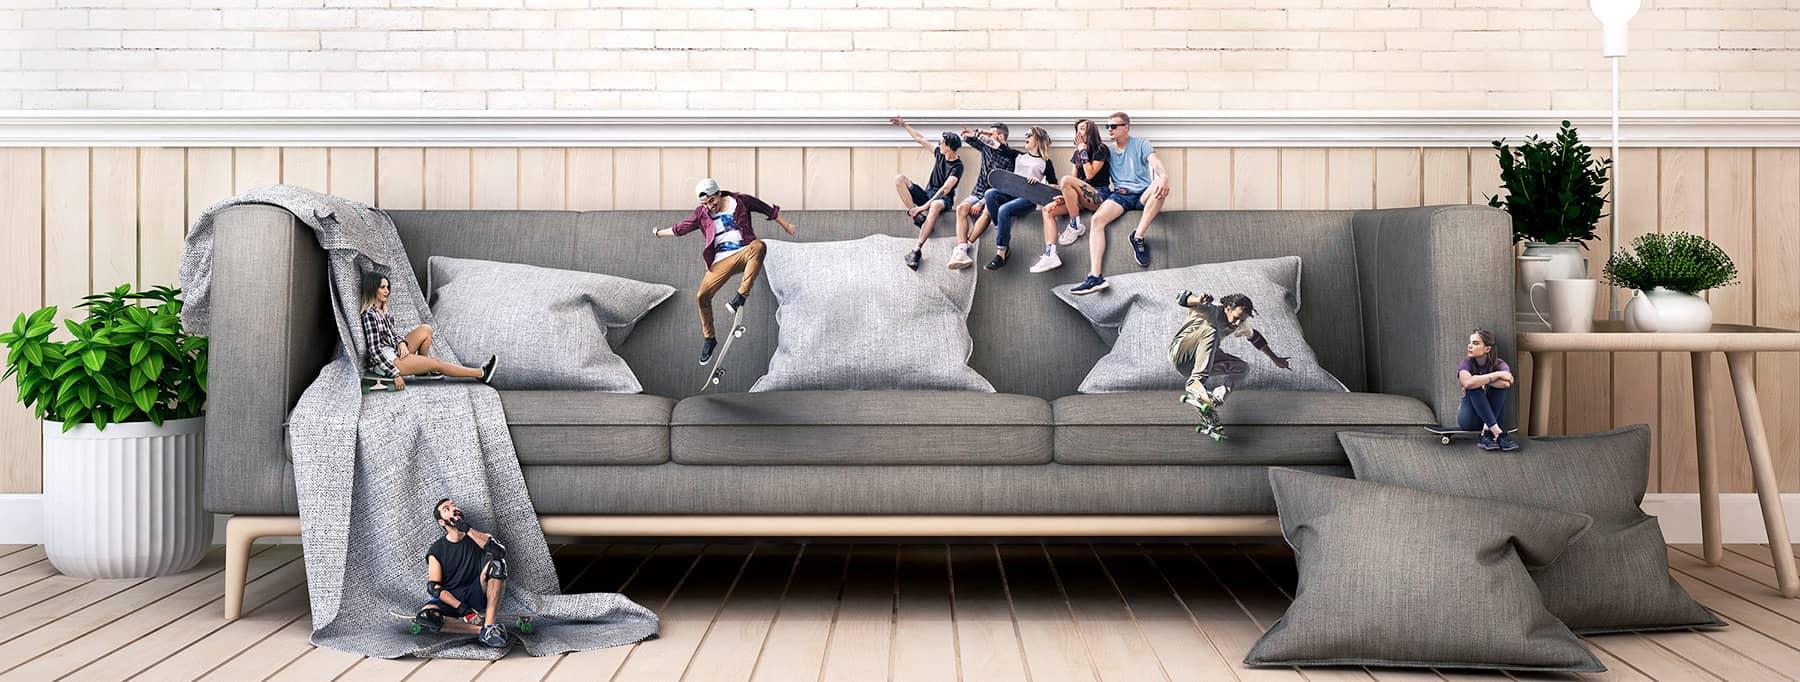 Canapé skate